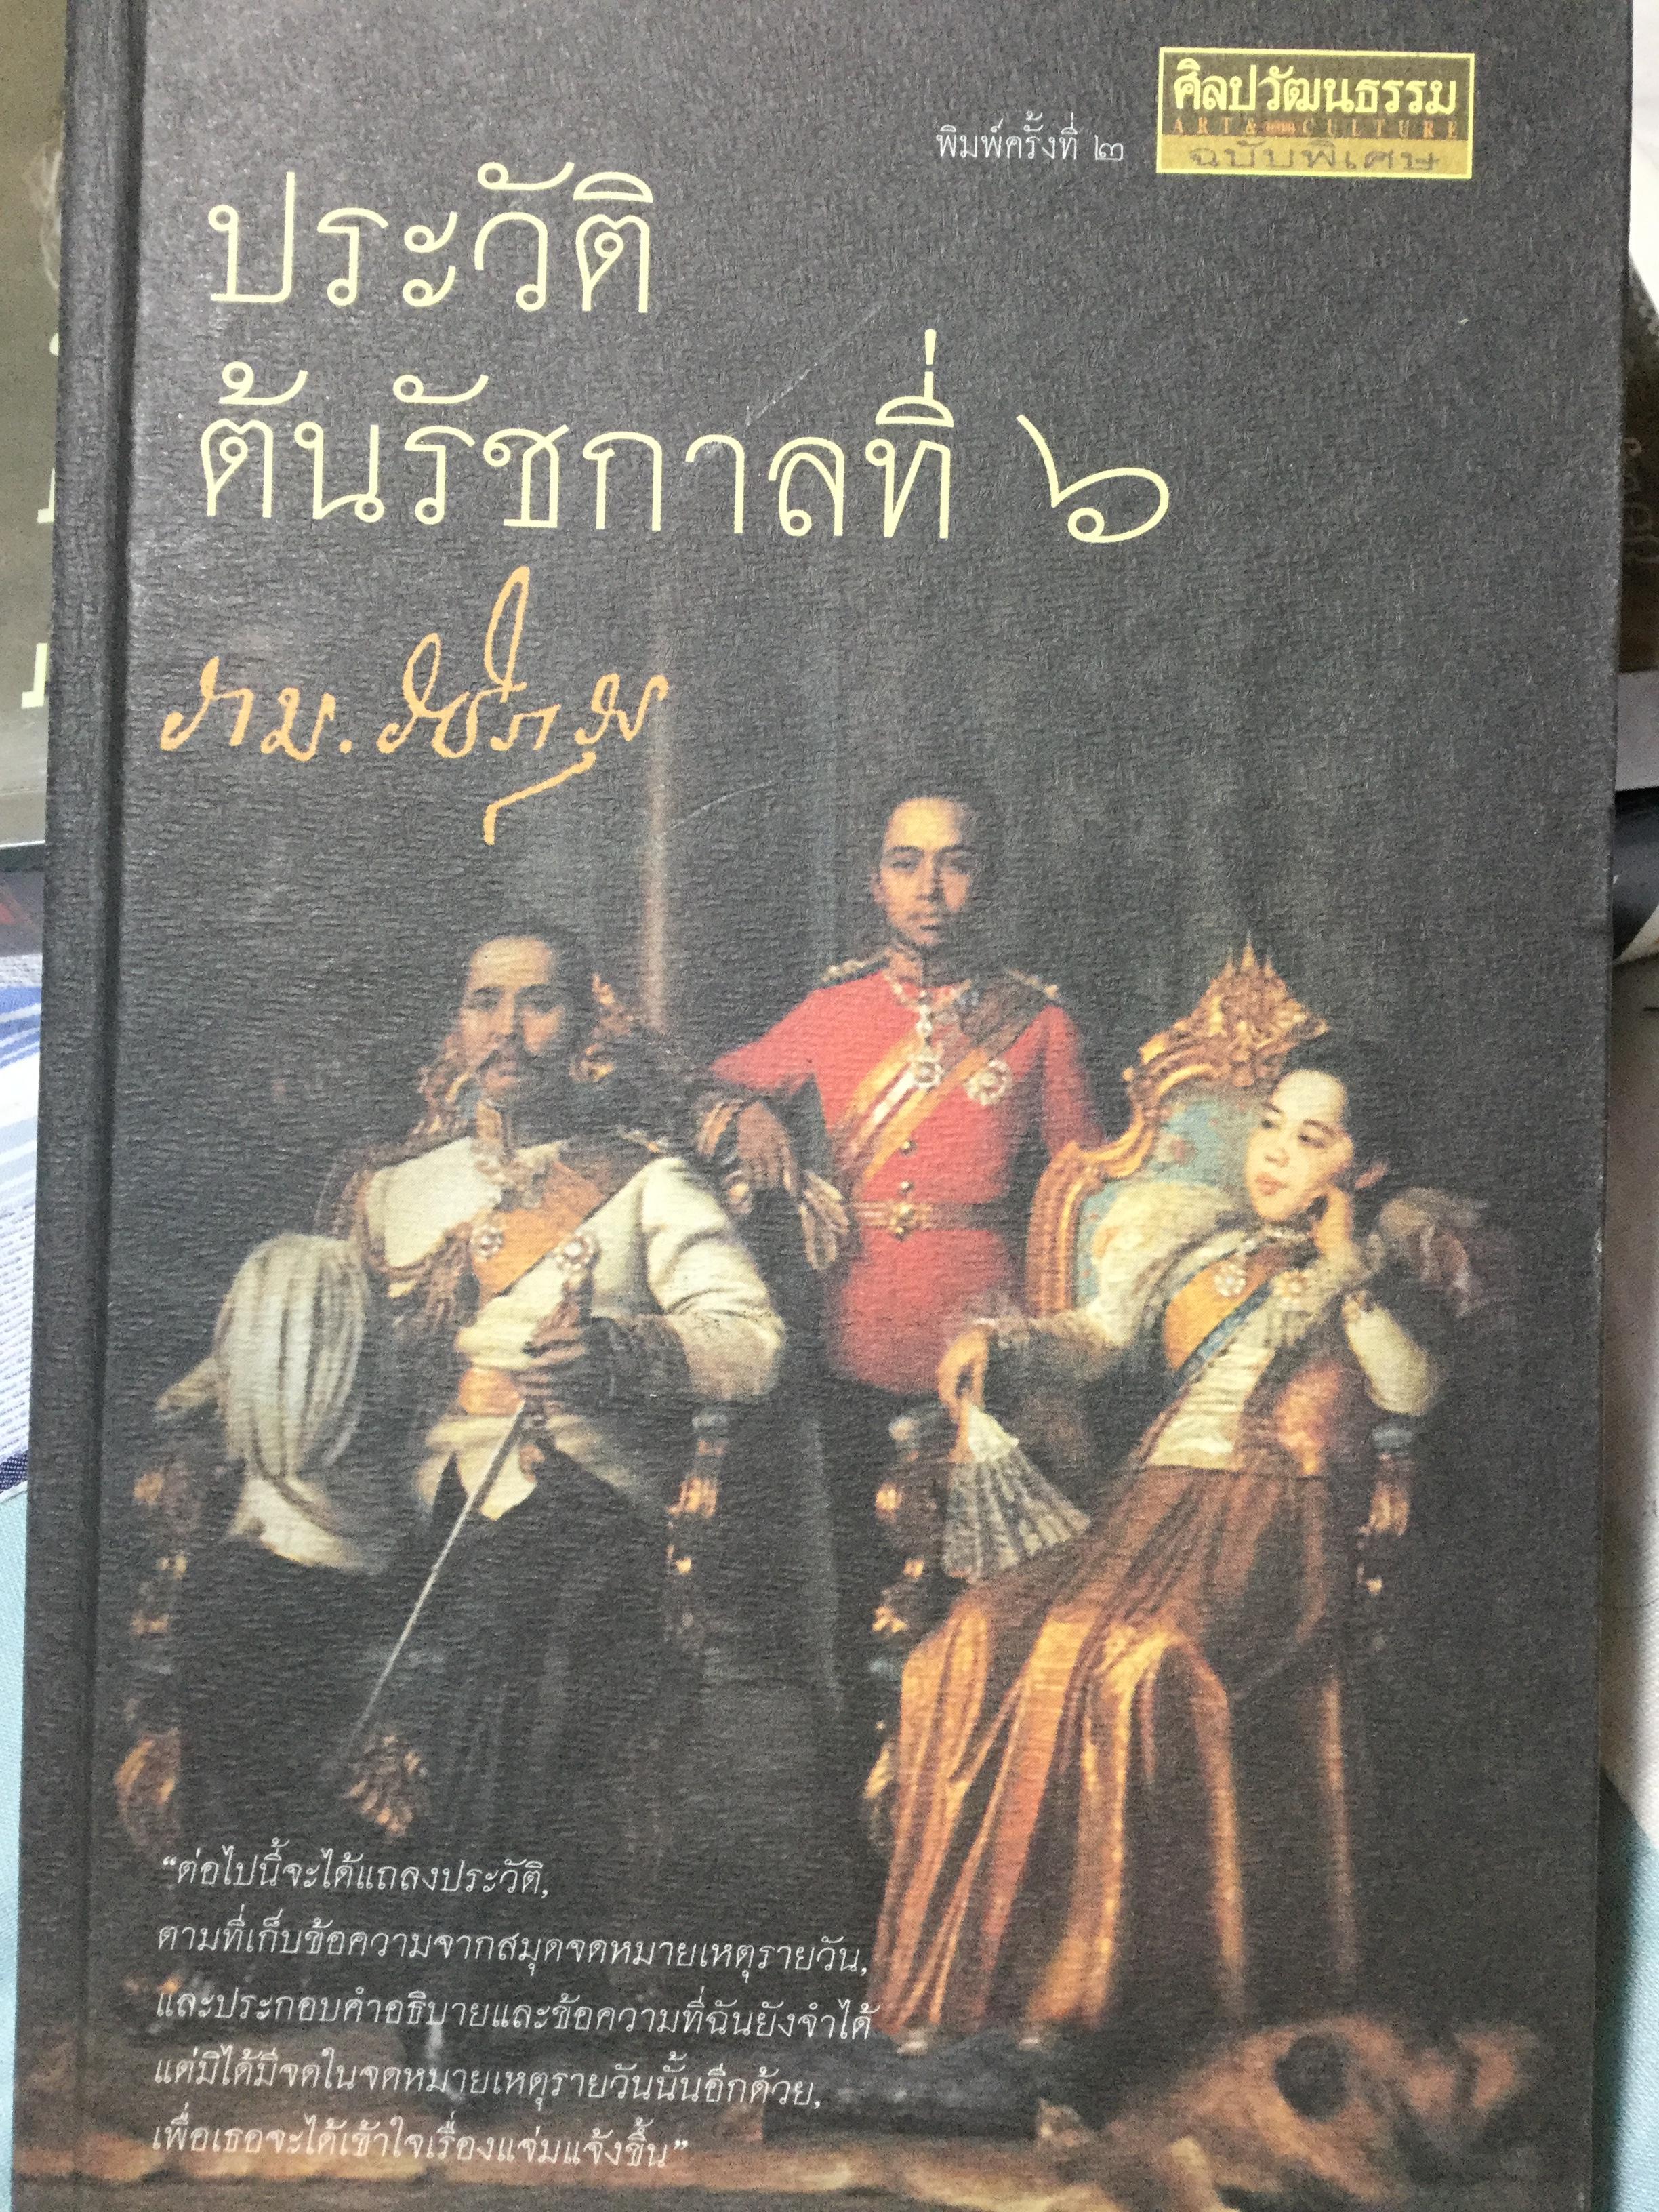 ประวัติตันรัชกาลที่ 6 พระราชนิพนธ์ โดย ราม.วชิราวุธ (พระบาทสมเด็จพระมงกุฎเกล้าเจ้าอยู่หัว)